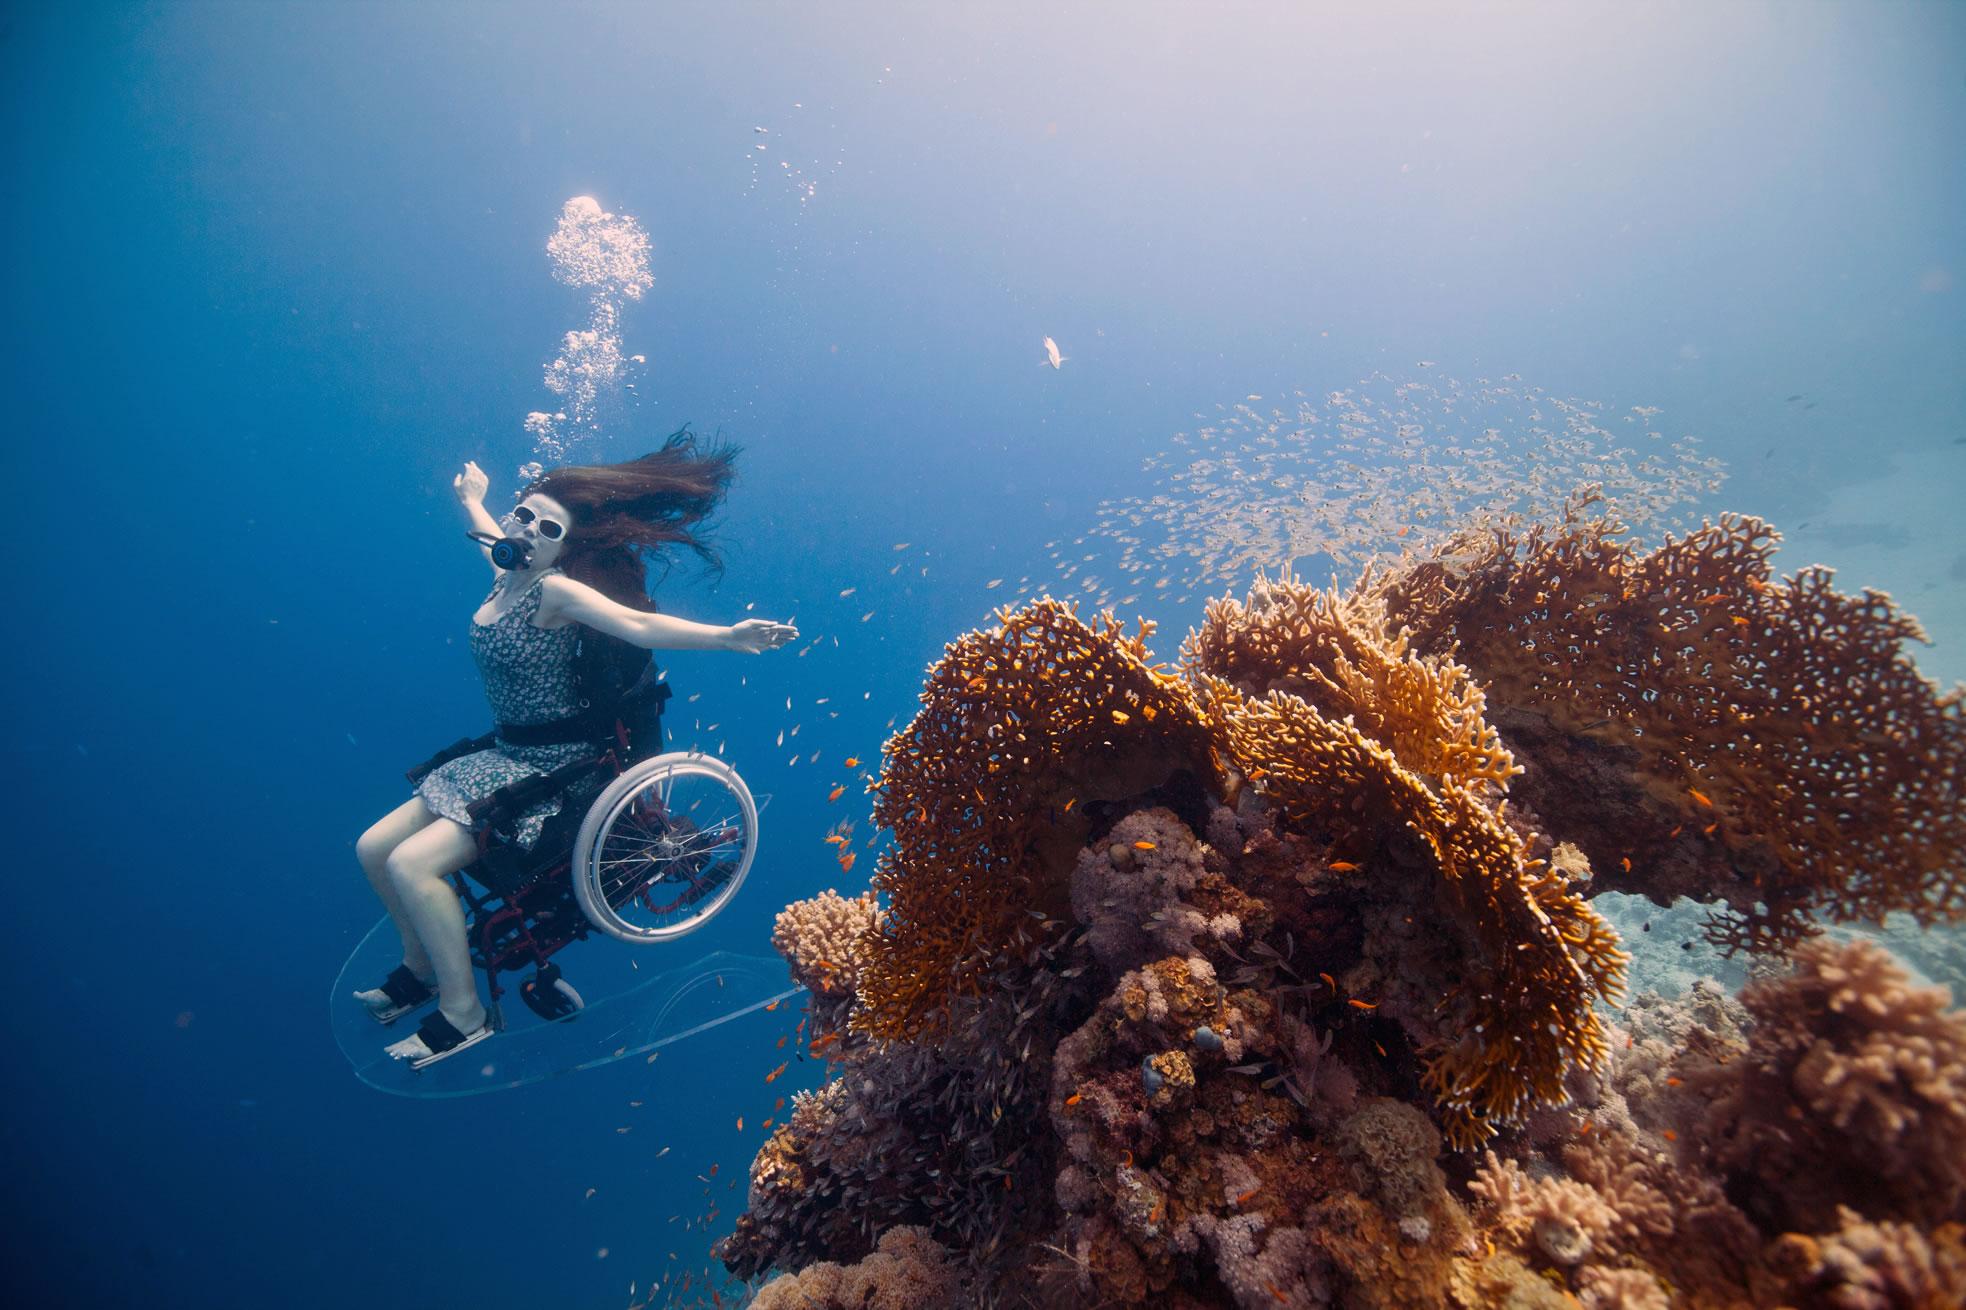 underwater photo by sue austin